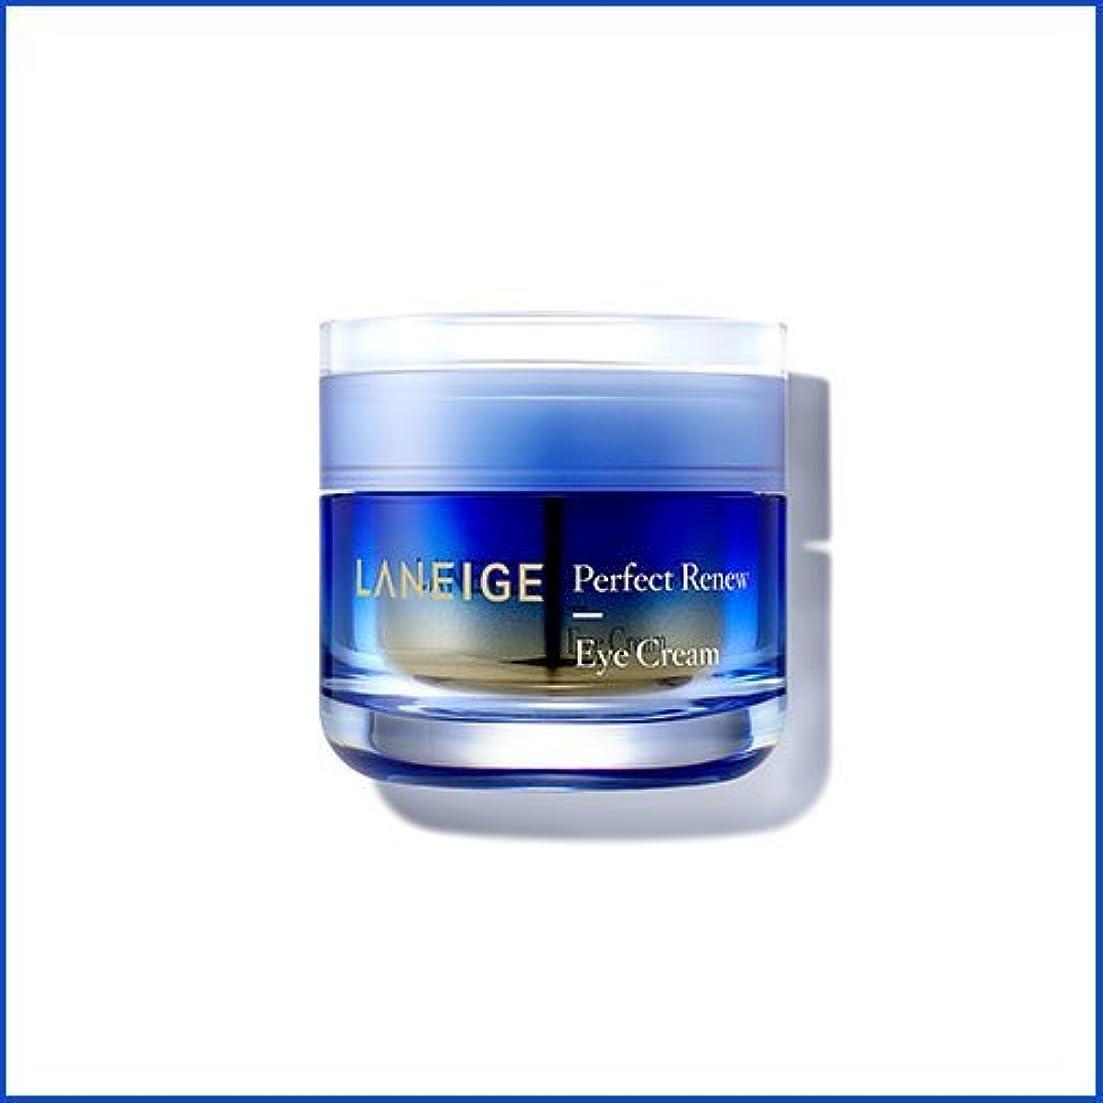 あそこ回復ナンセンス【ラネージュ】【LANEIGE】【韓国コスメ】【アイクリーム 】 パーフェクト リニュー アイ クリーム 20ml Perfect Renew Eye Cream [並行輸入品]